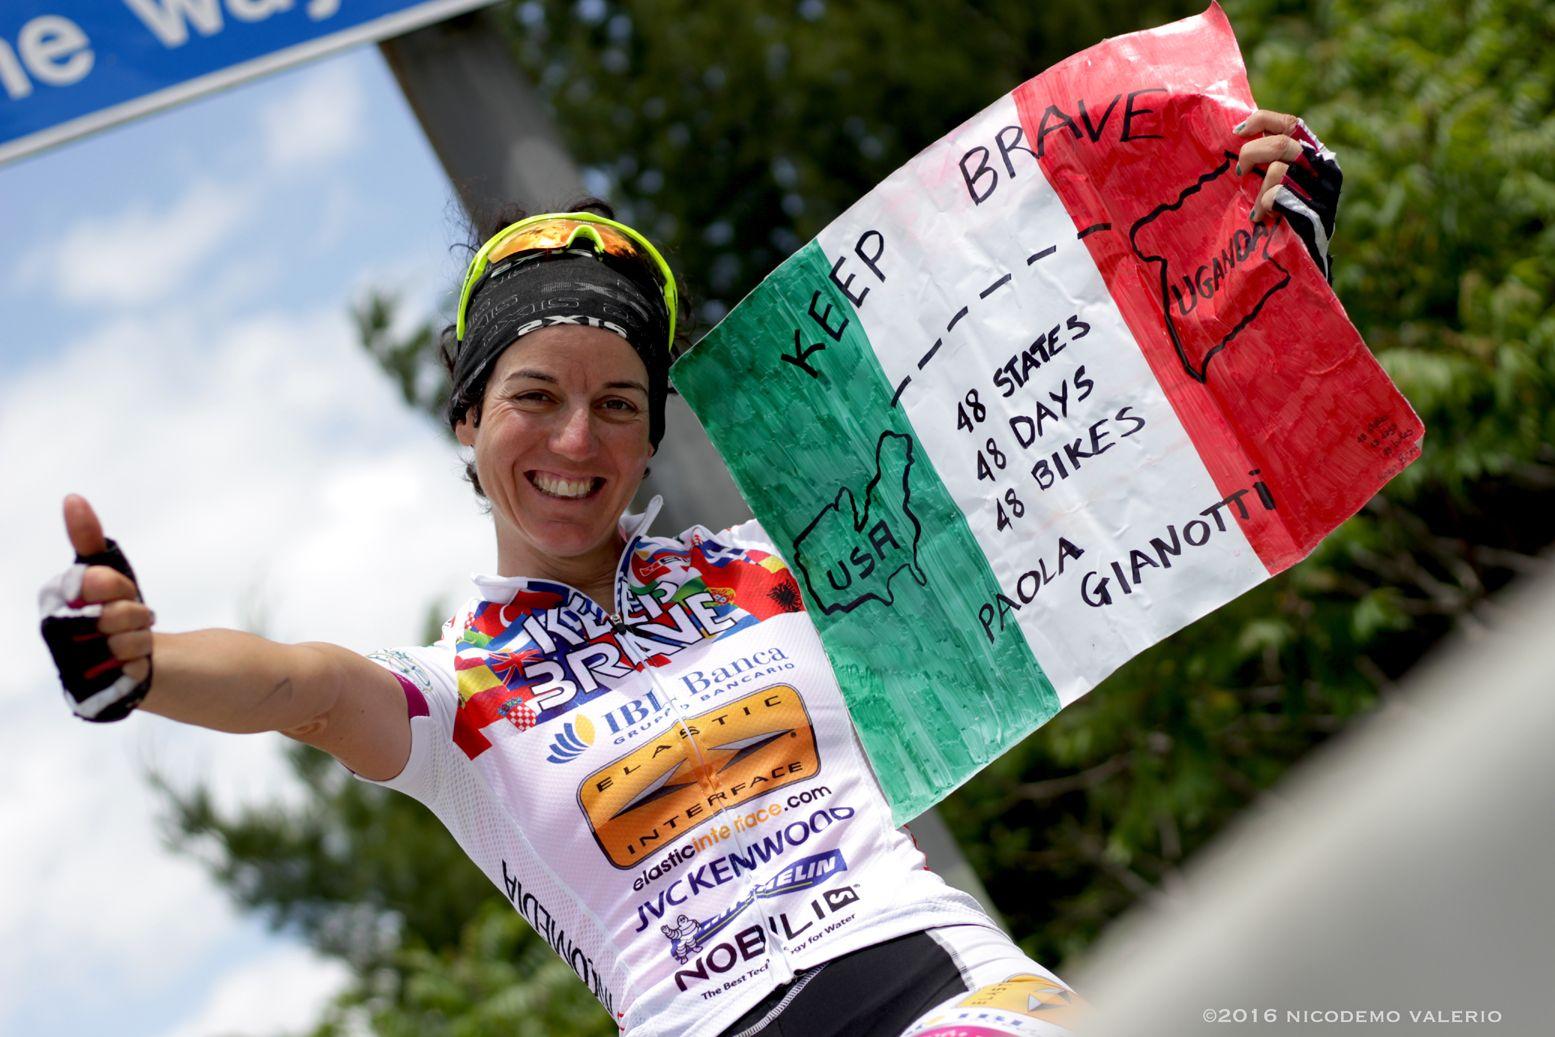 CERESOLE REALE - Sulle strade del Giro d'Italia con Paola Gianotti: il 13 aprile si pedala in Canavese